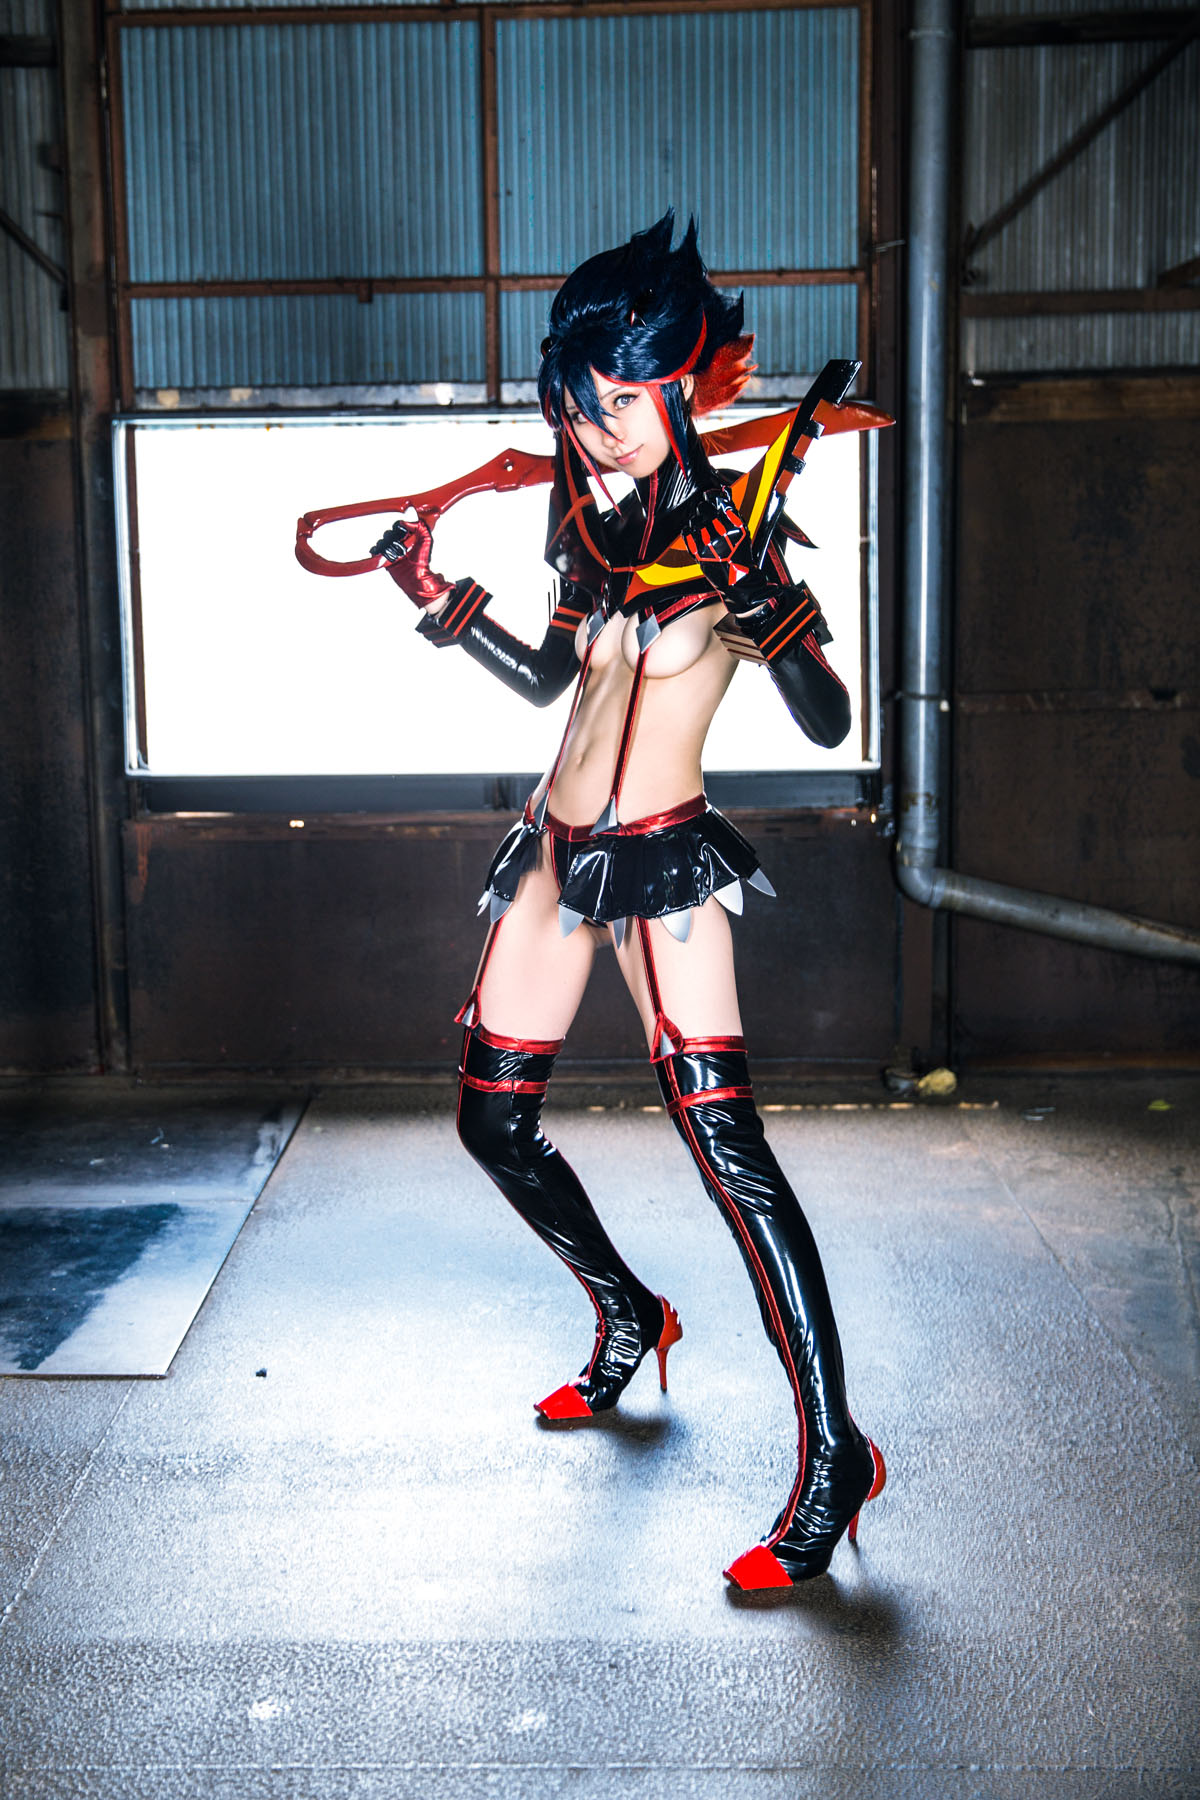 Kill la Kill Ryuuko Matoi anime cosplay by Mikehouse 0082